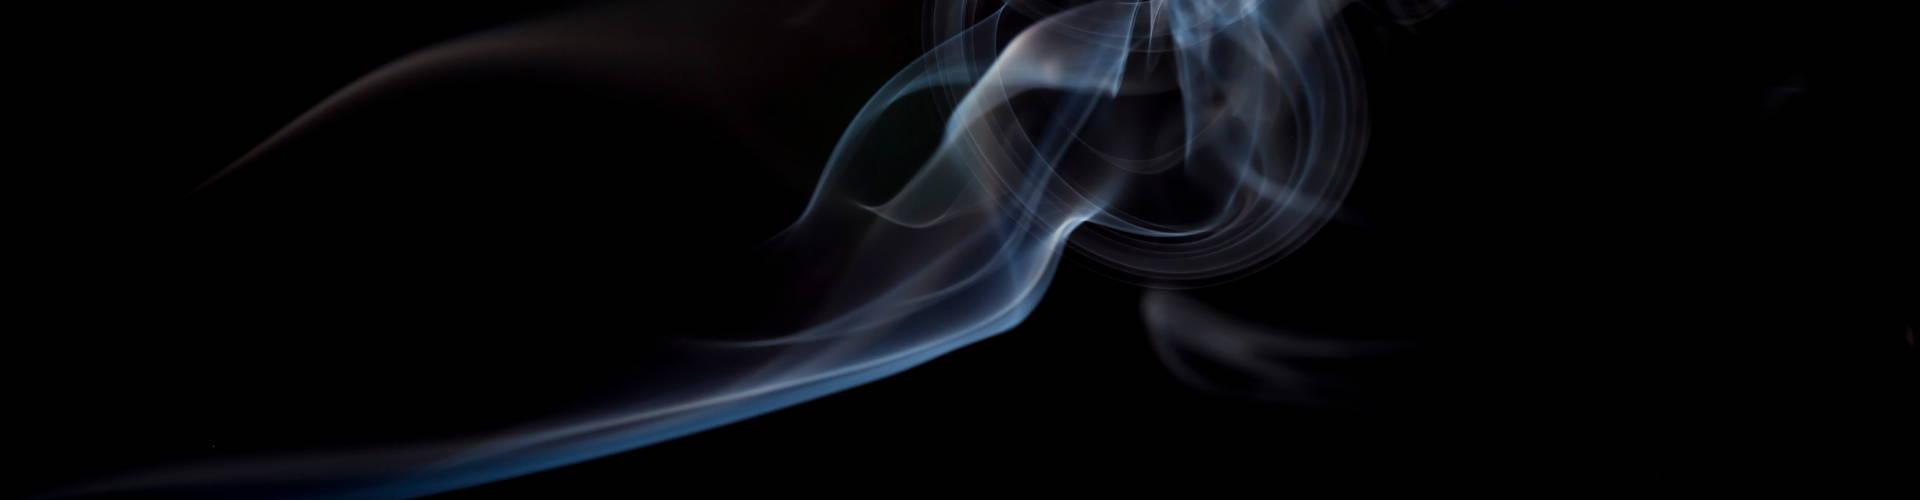 incense smokes